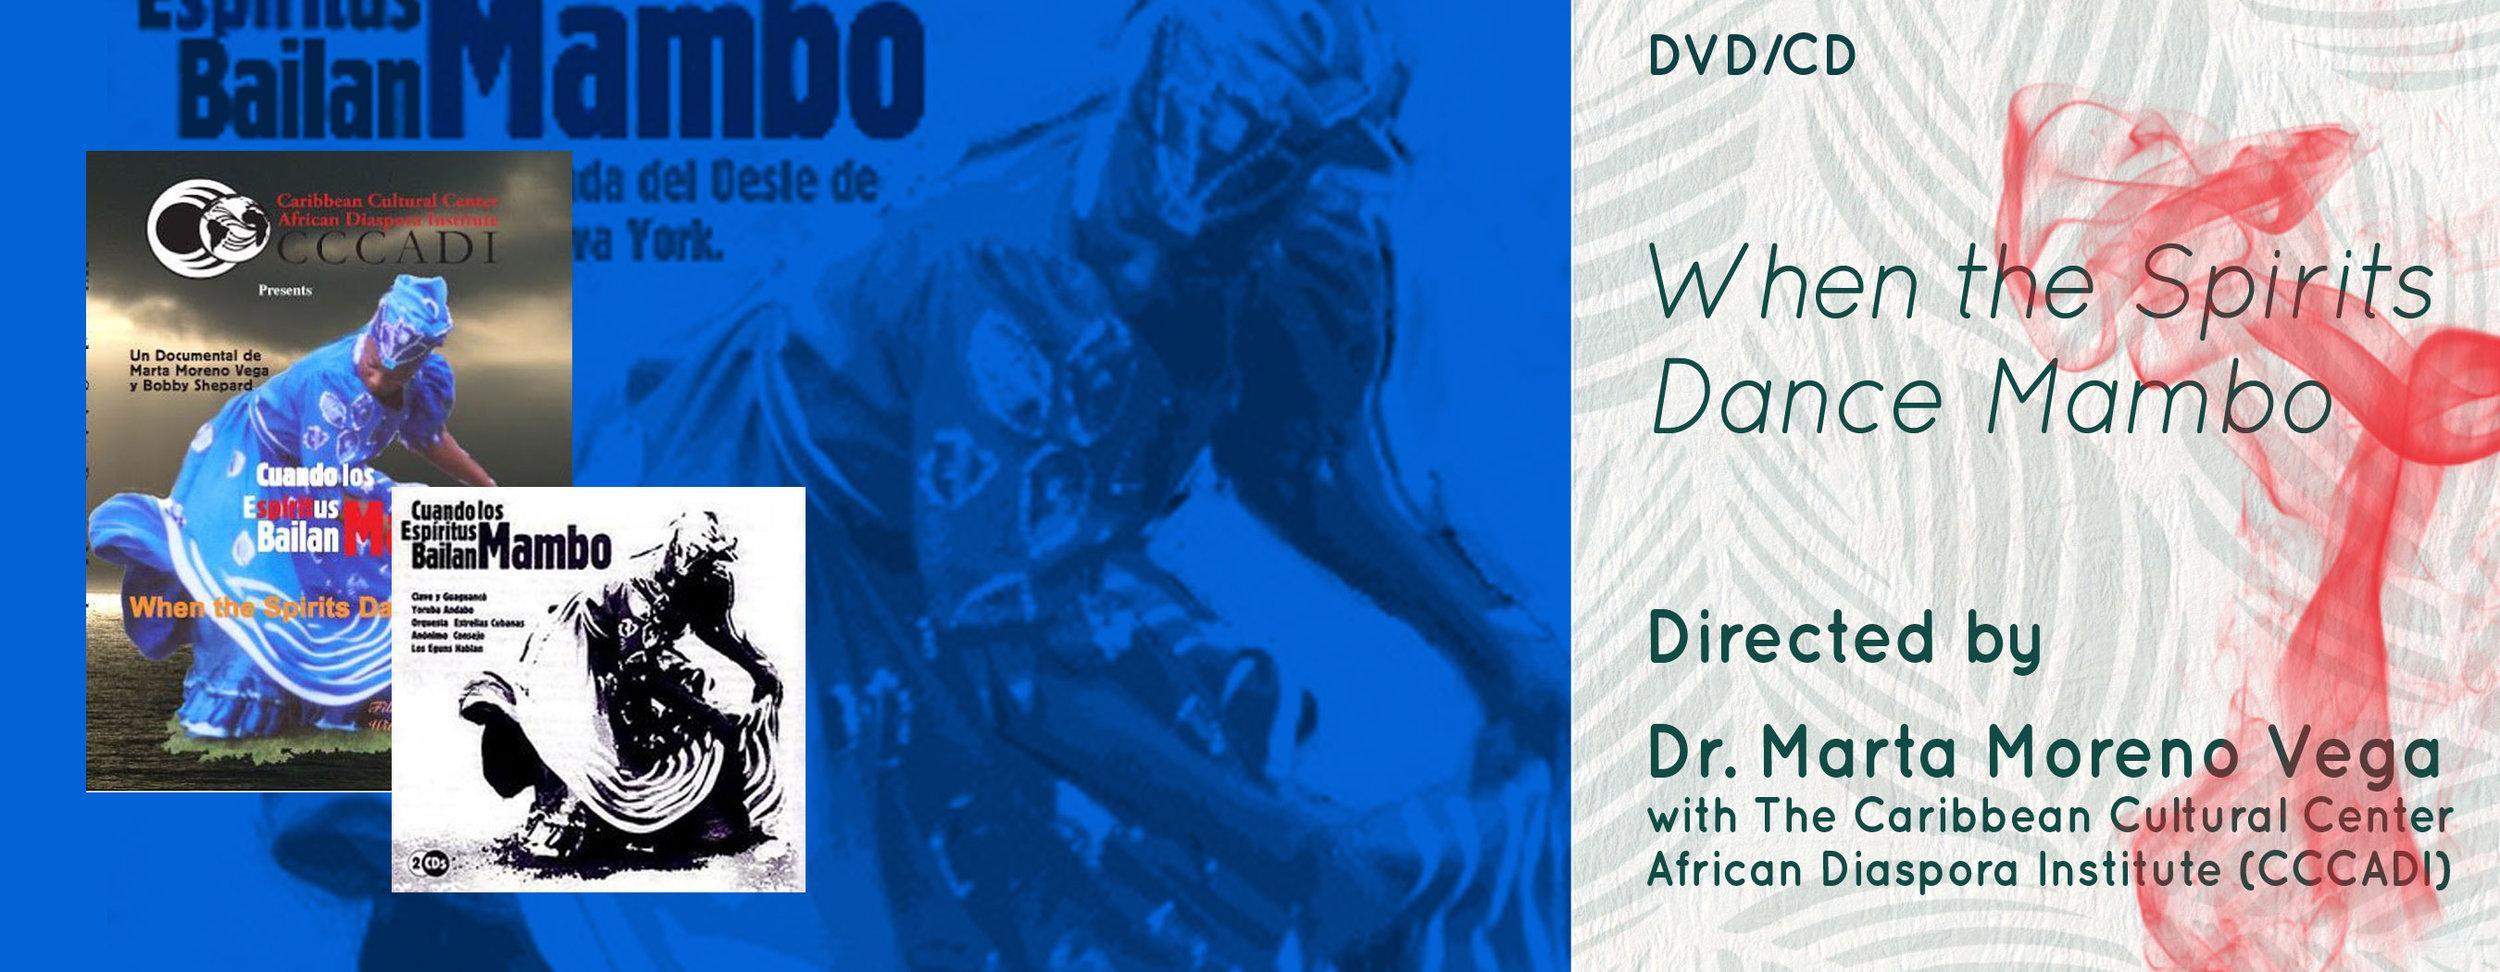 DVD_CD_Spirit-Tour-banner.jpg